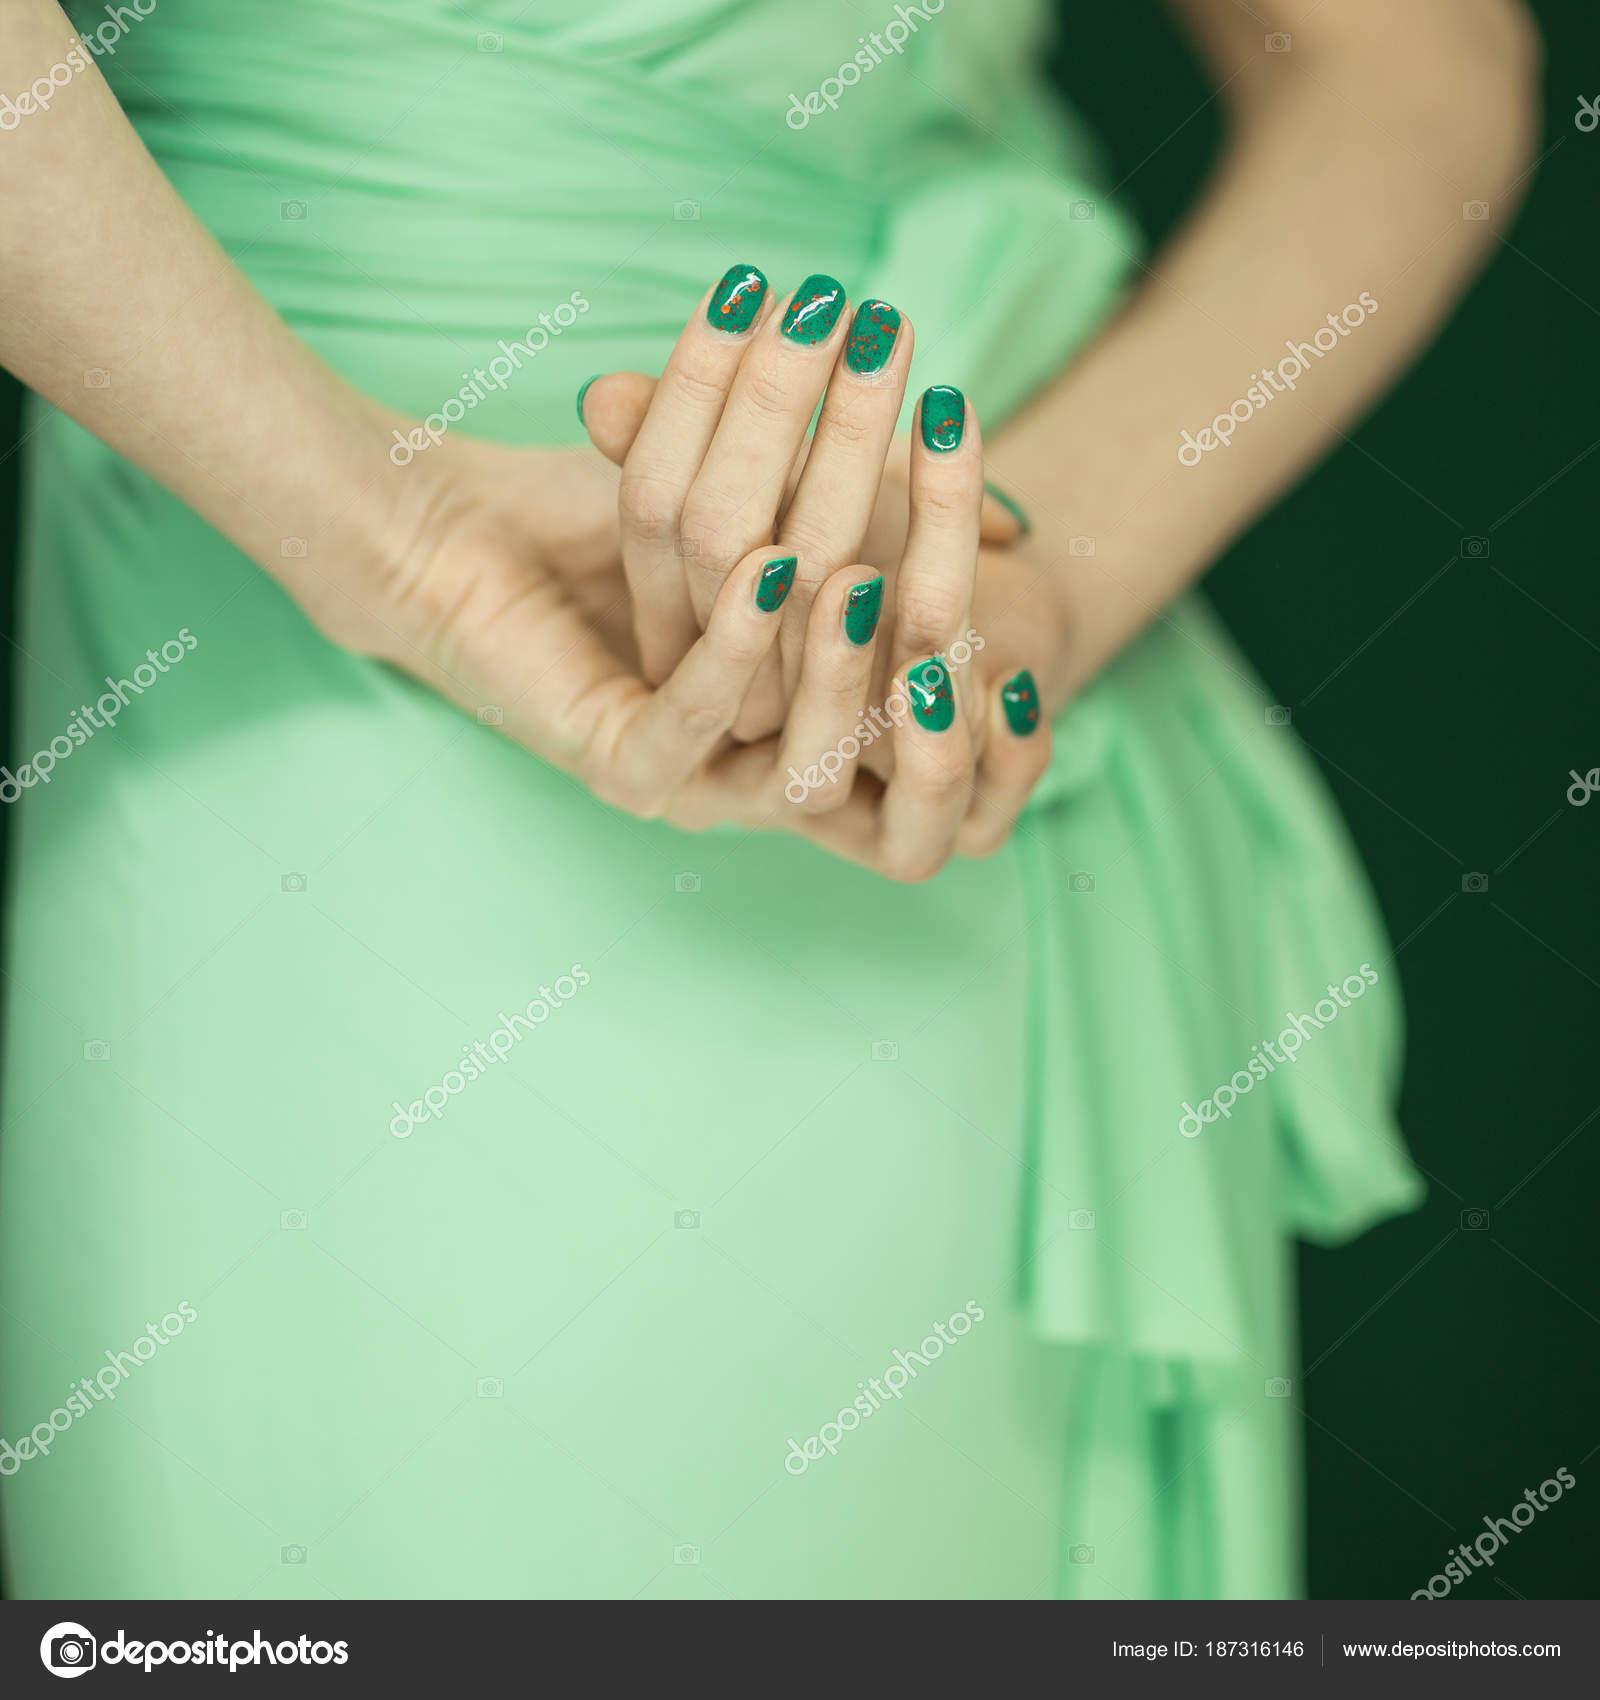 Hermosa Mujer Vestido Verde Mostrando Sus Manos Con Esmalte Uñas ...